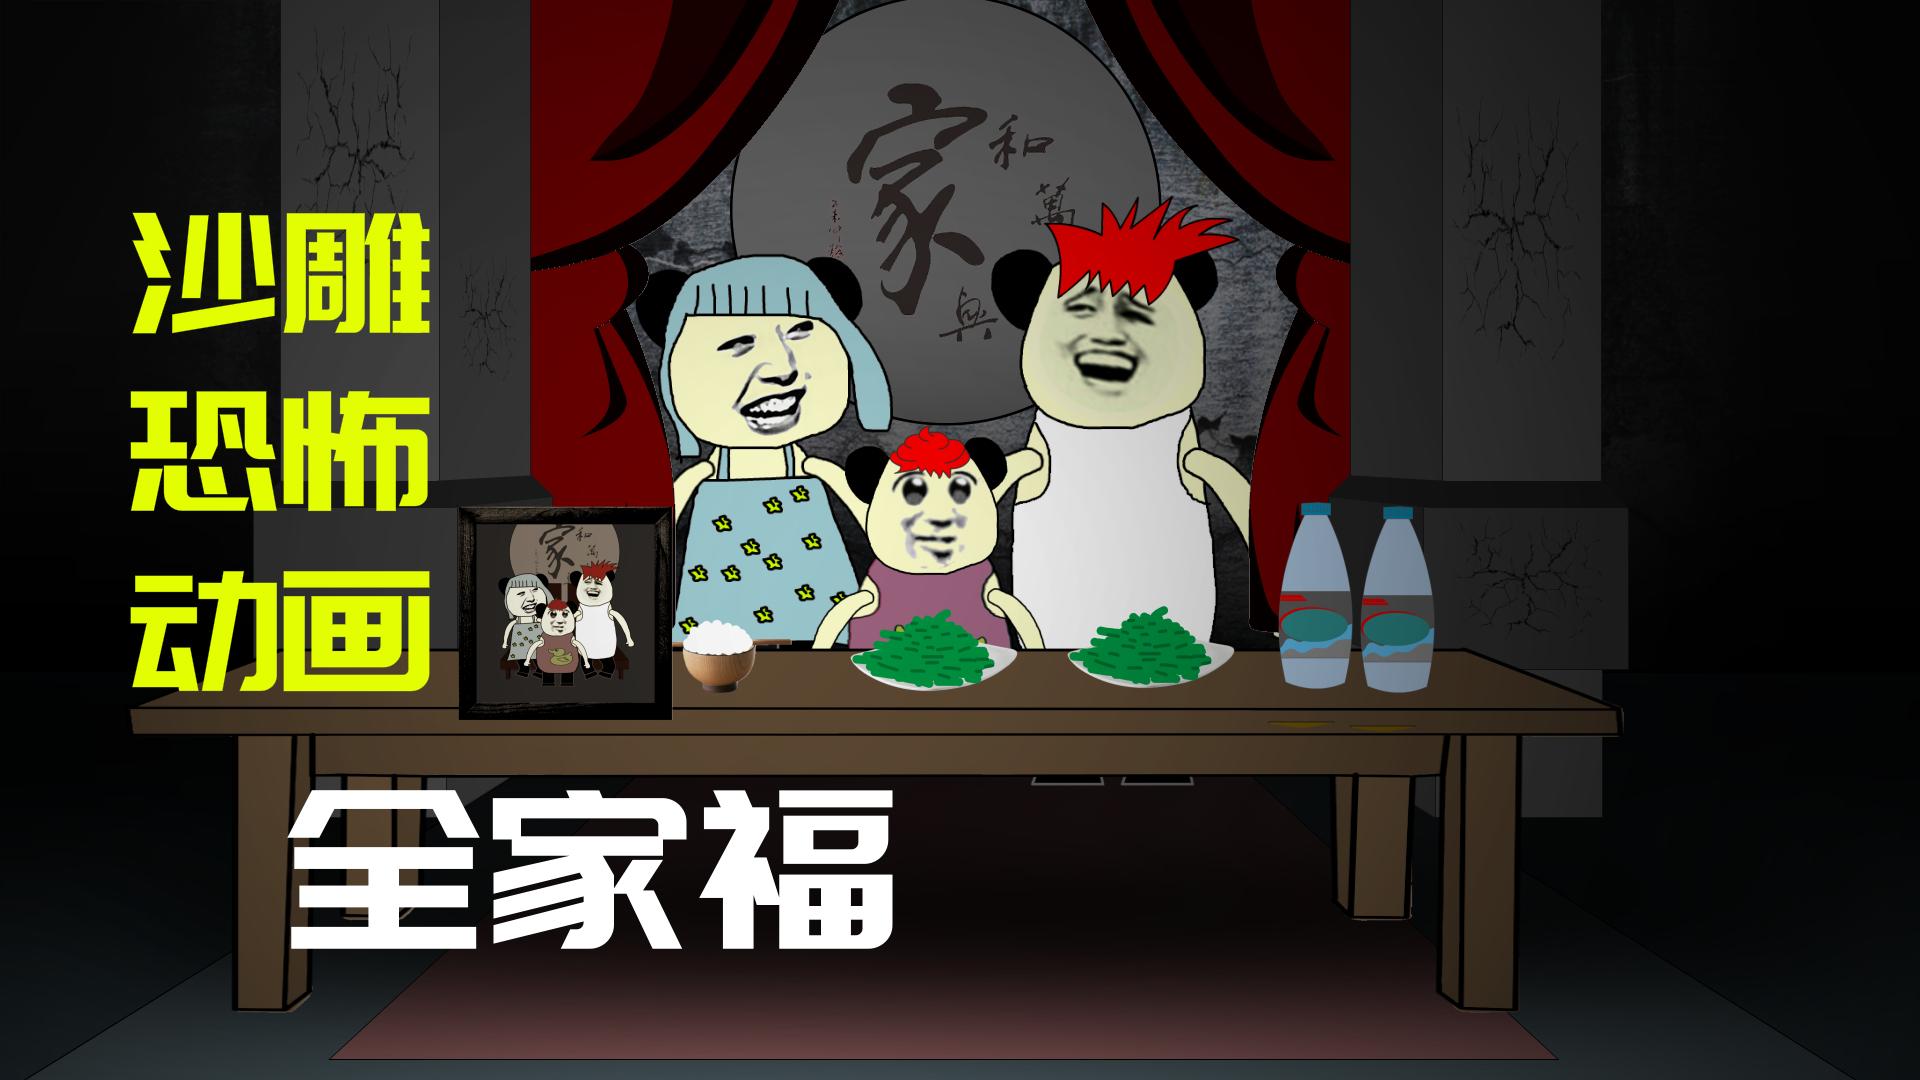 【沙雕恐怖动画】全家福